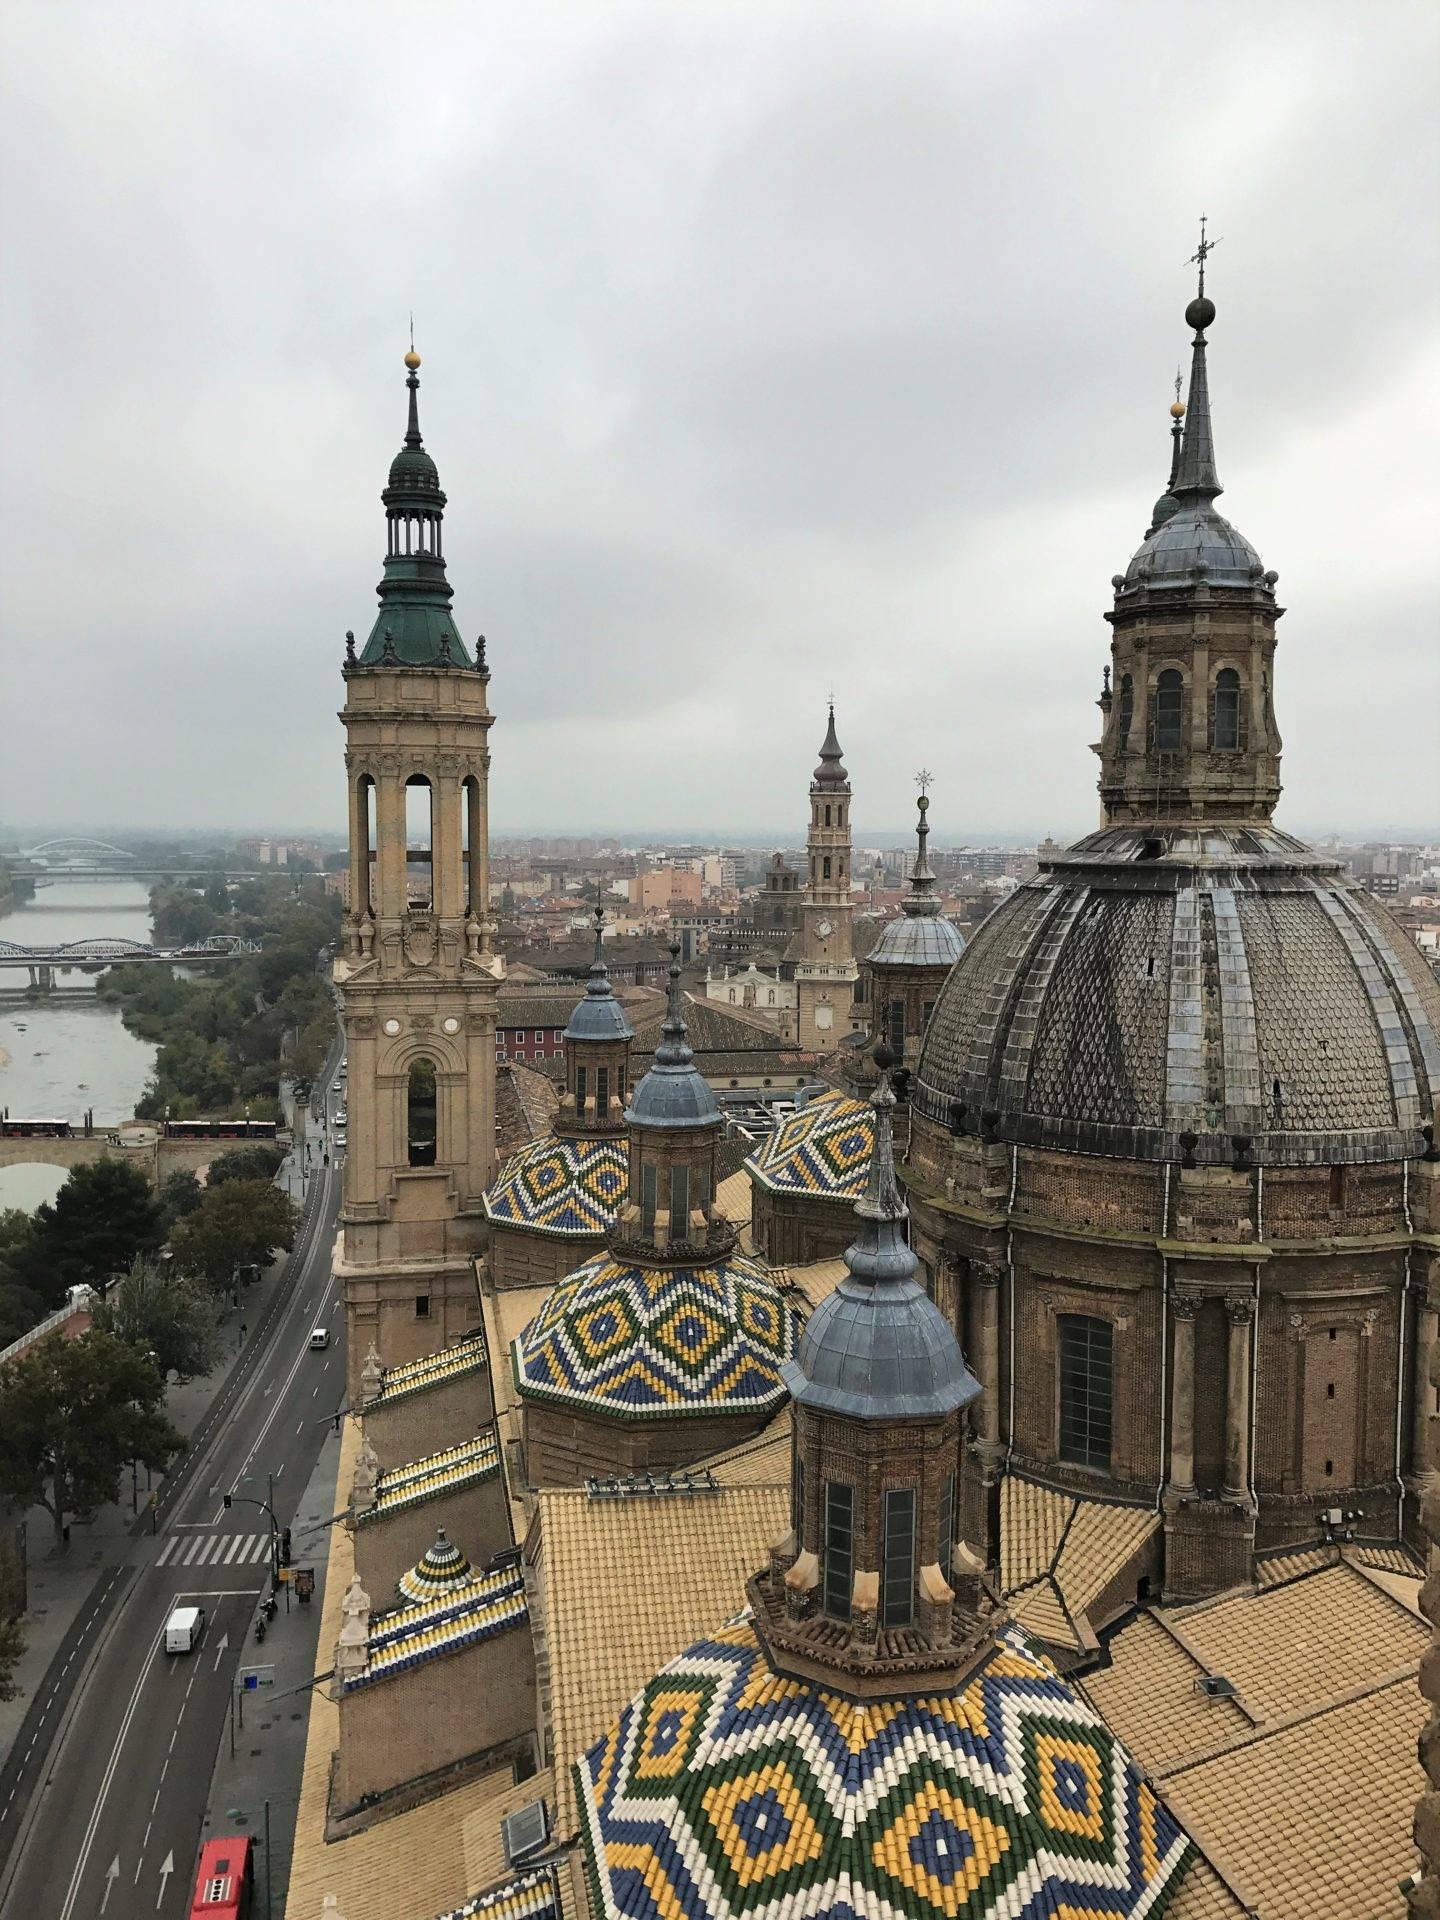 Torre de la basílica del pilar- la cadena viajera